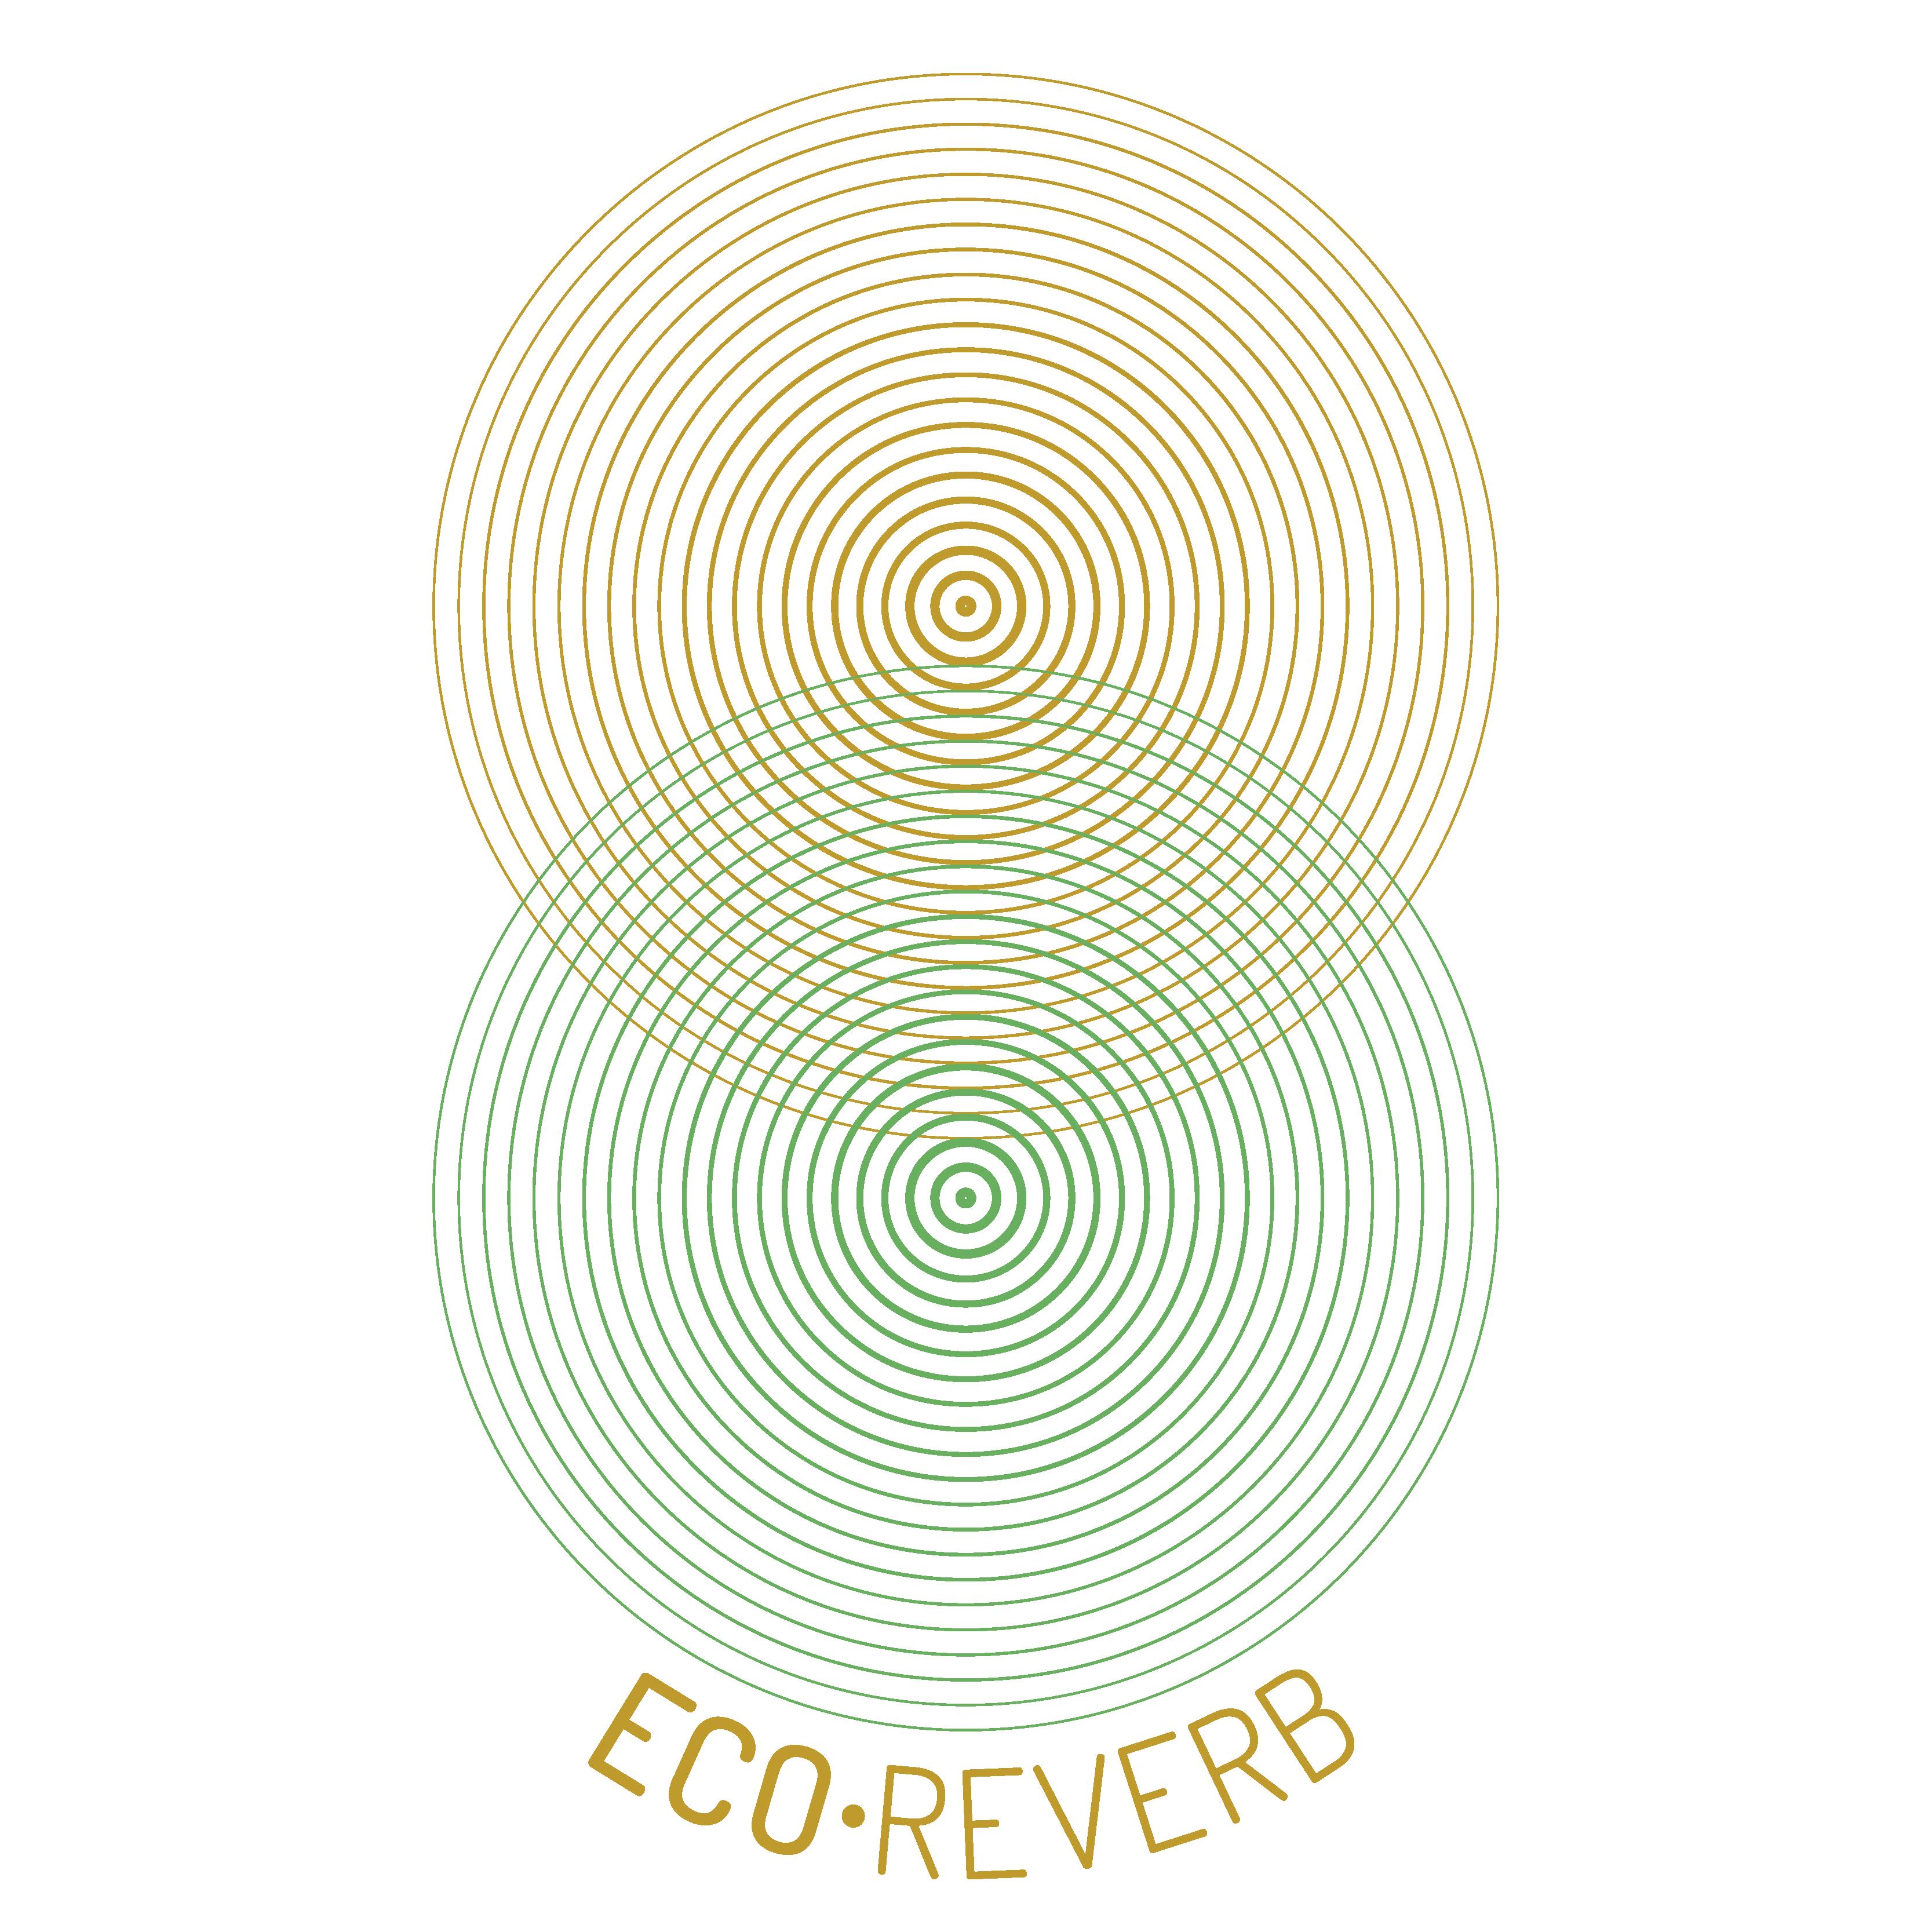 Eco.reverb